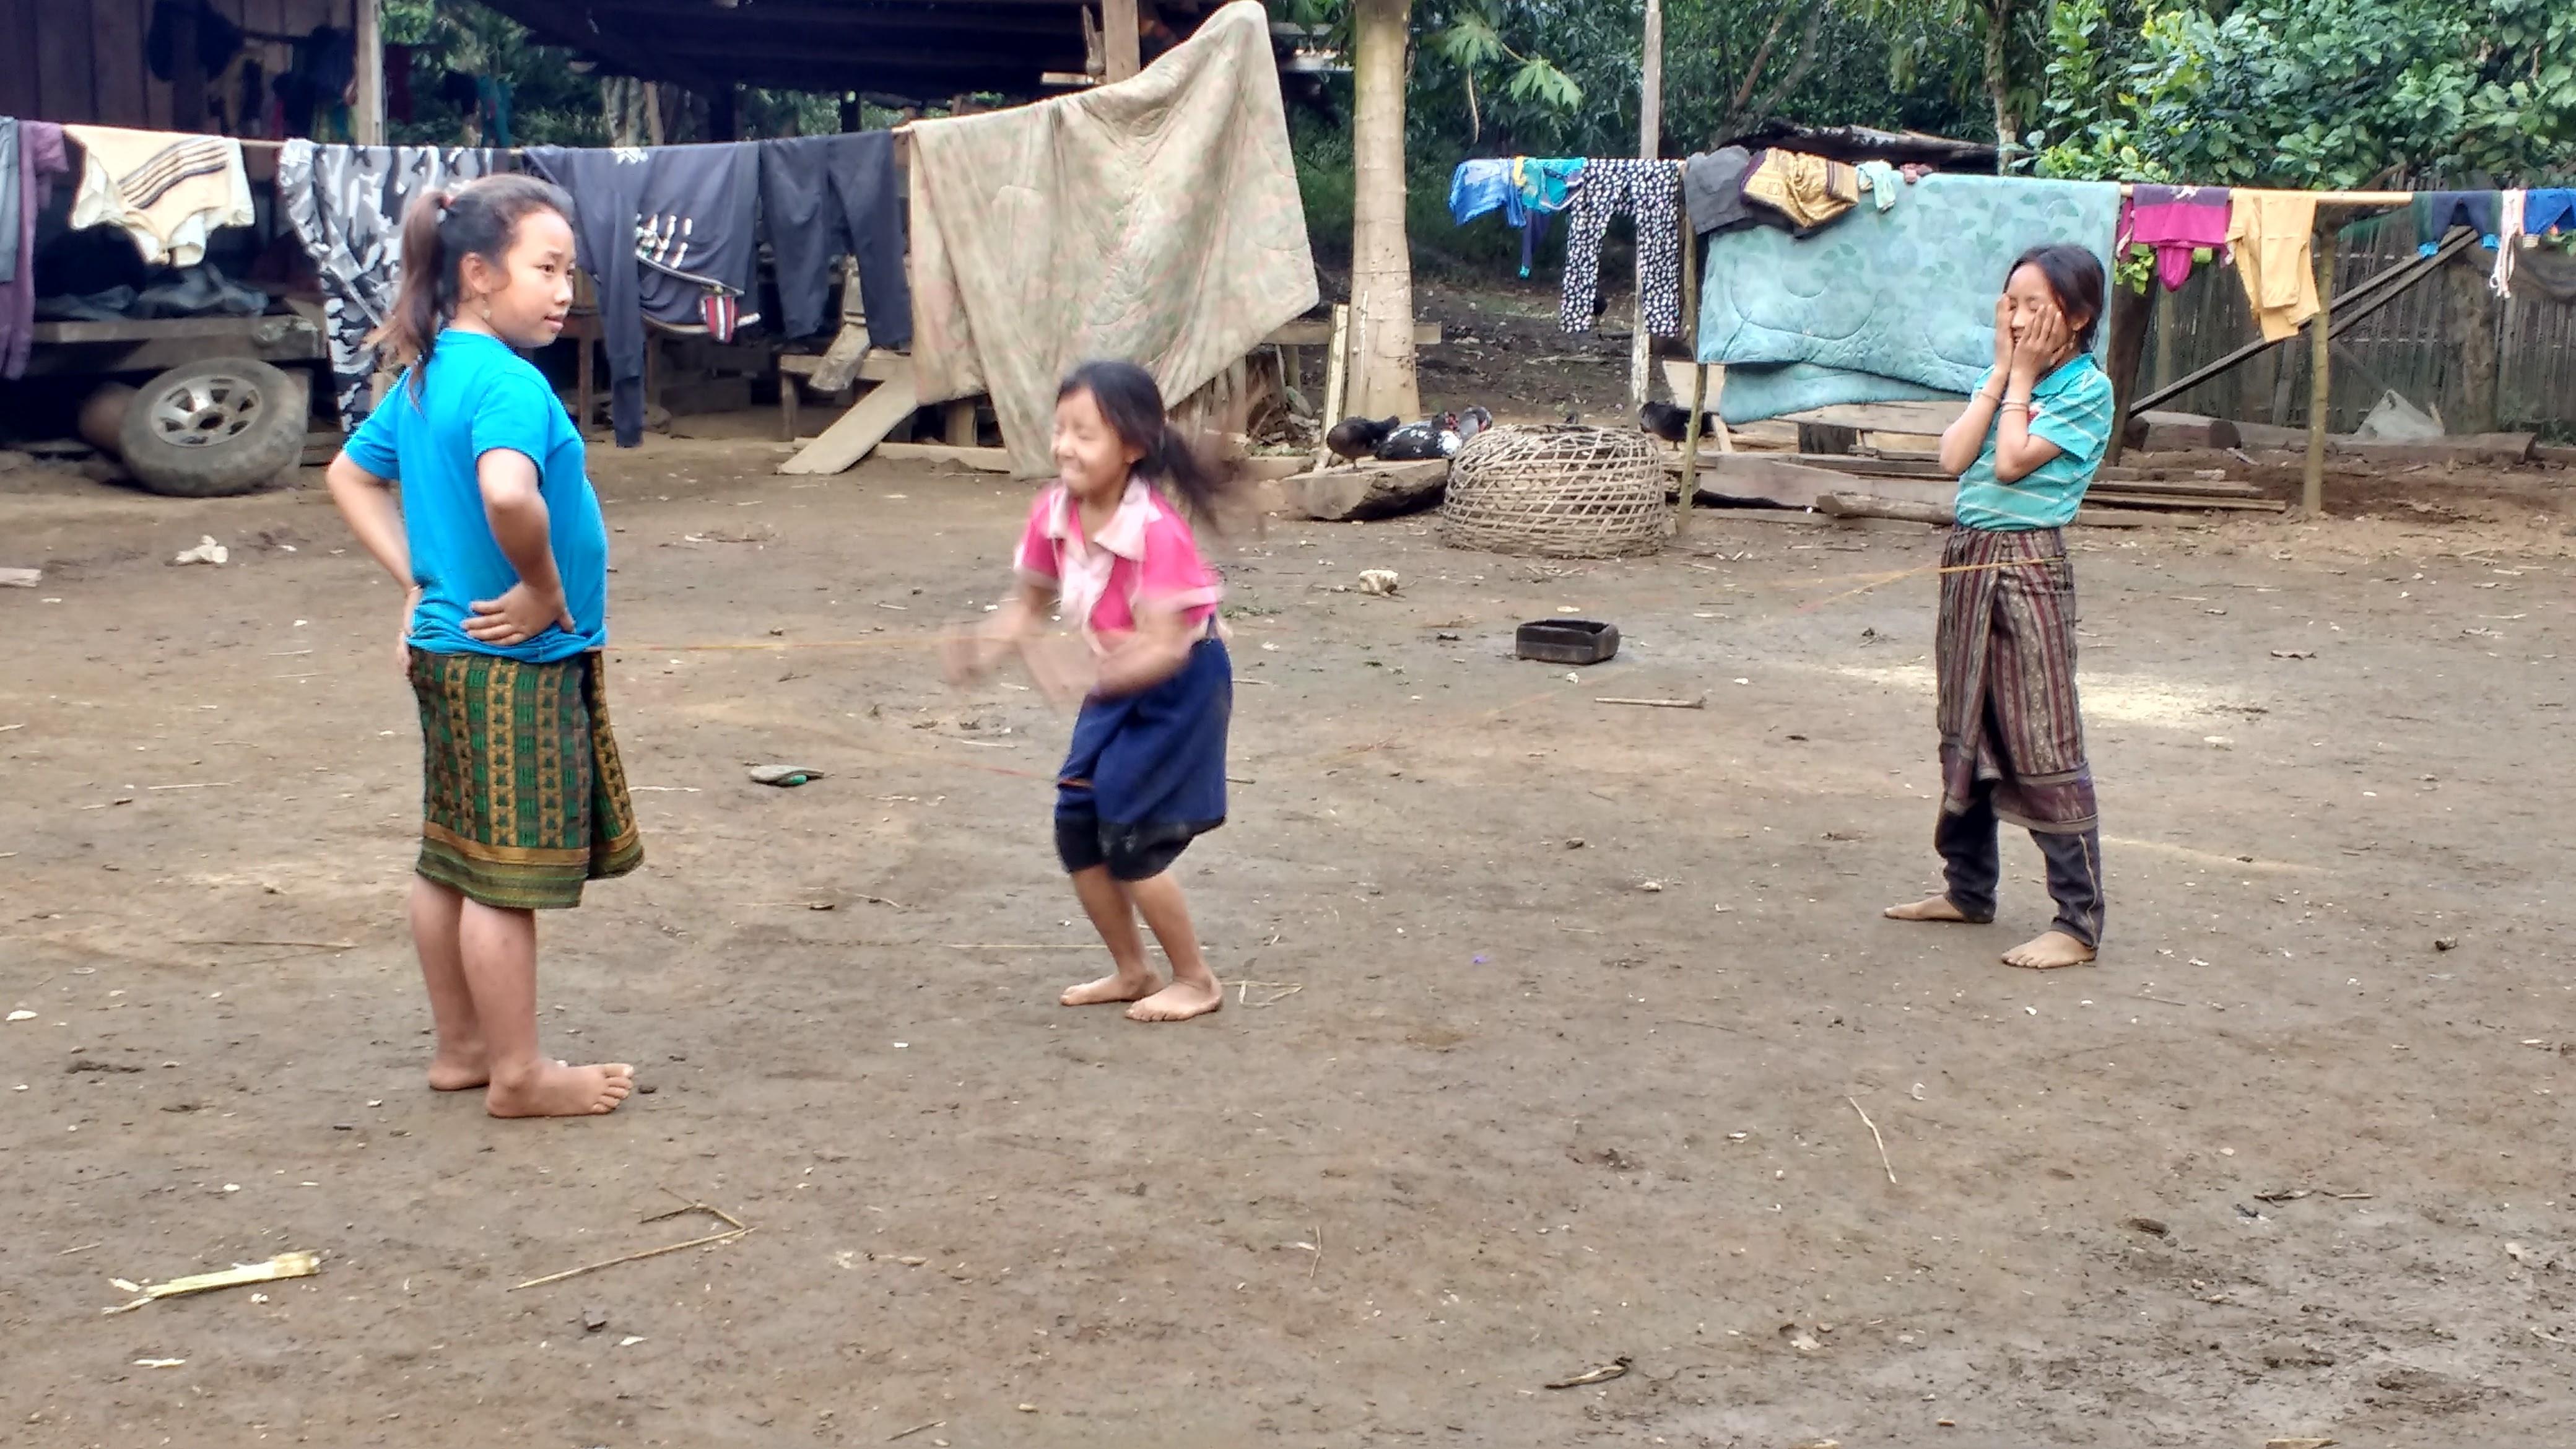 Laosissa erityisesti lapset ovat joutuneet rypäleaseiden uhreiksi. Kuva: Juho Matinlauri